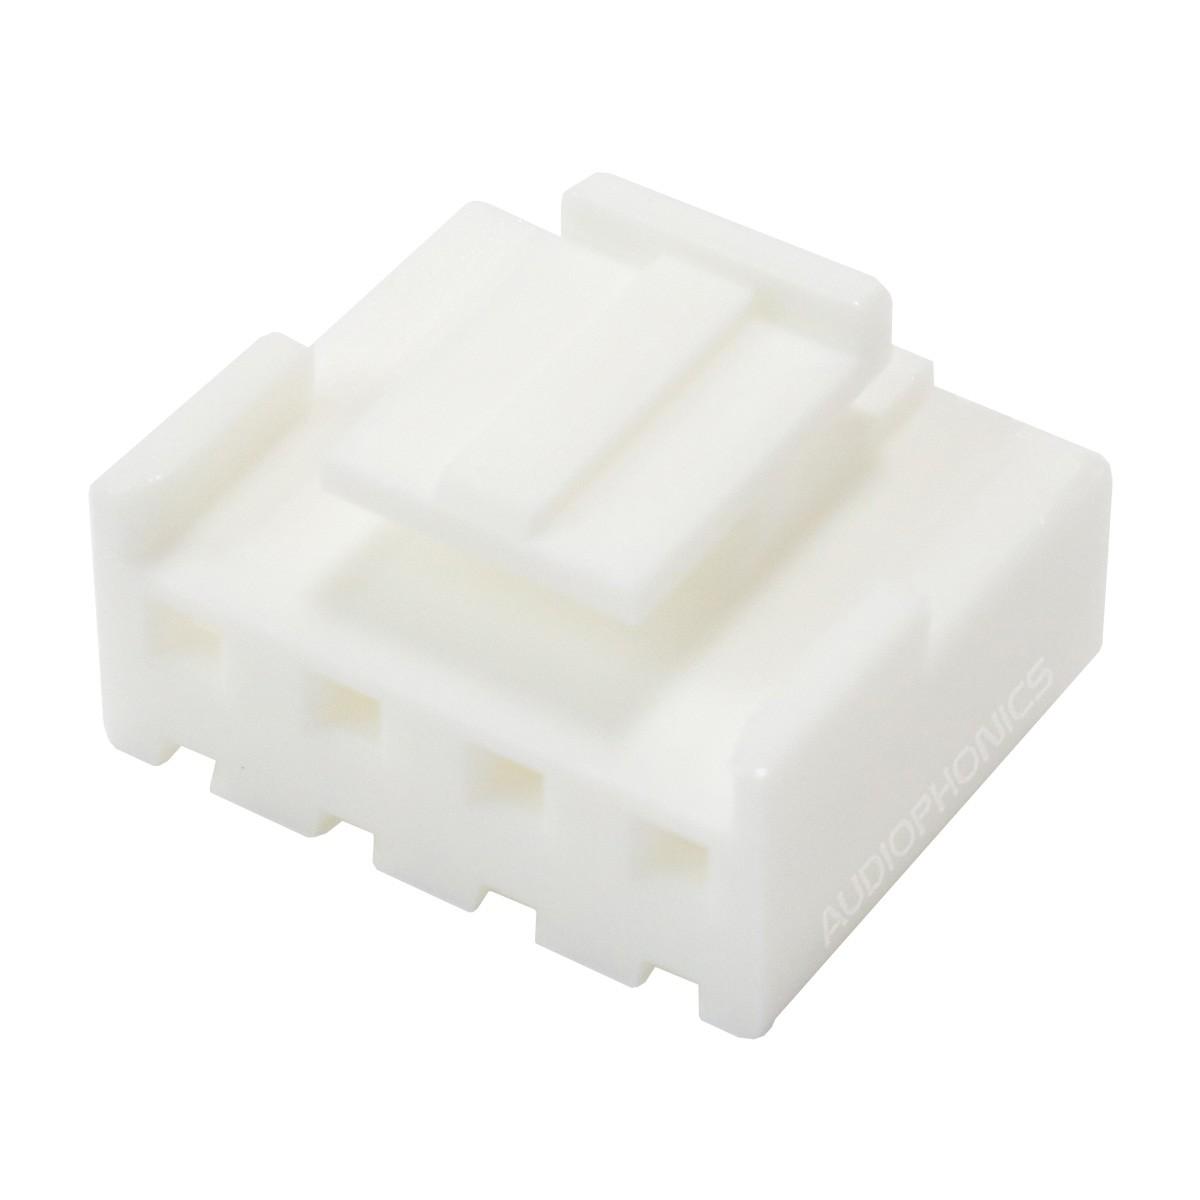 Boîtier VH 3.96mm Femelle 4 Voies Blanc (Unité)